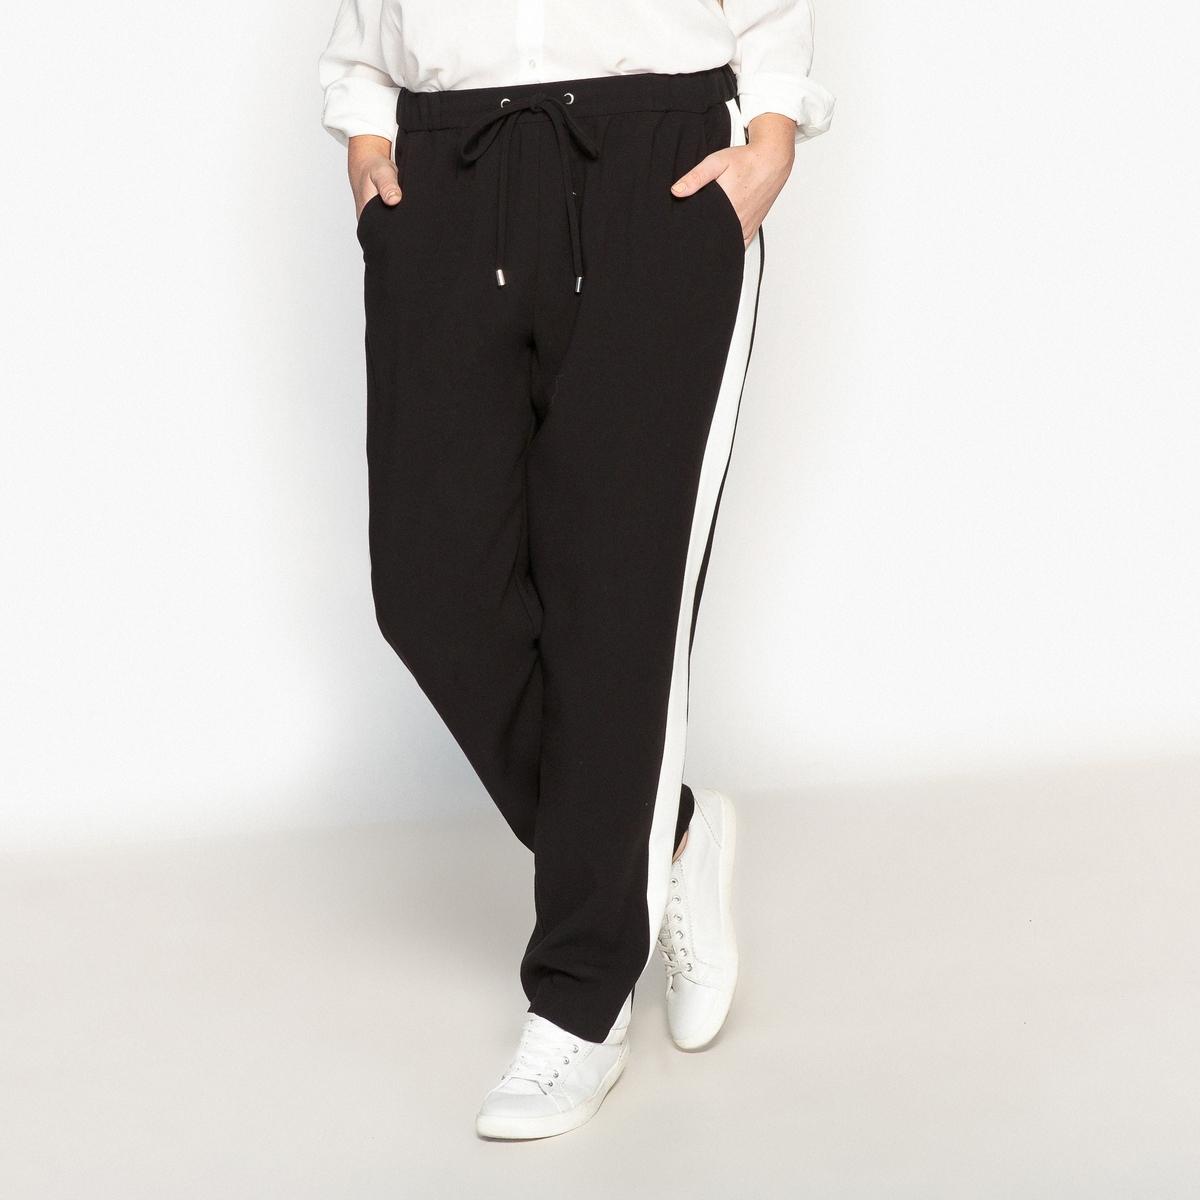 Брюки с полосками по бокамОписание:Струящиеся брюки в изящном спортивном стиле с контрастными полосками по бокам. Стильные и комфортные благодаря эластичному поясу брюки.Детали •  Узкие, дудочки •  Стандартная высота пояса •  Эластичный поясСостав и уход •  36% вискозы, 4% эластана, 60% полиэстера •  Температура стирки 30°   •  Сухая чистка и отбеливание запрещены •  Не использовать барабанную сушку   •  Низкая температура глажки   ВАЖНО: Товар без манжетТовар из коллекции больших размеров •  Контрастные полоски по бокам. •  Длина по внутр.шву 78 см, ширина по низу 20,5 см<br><br>Цвет: хаки,черный<br>Размер: 48 (FR) - 54 (RUS).44 (FR) - 50 (RUS).46 (FR) - 52 (RUS).50 (FR) - 56 (RUS)